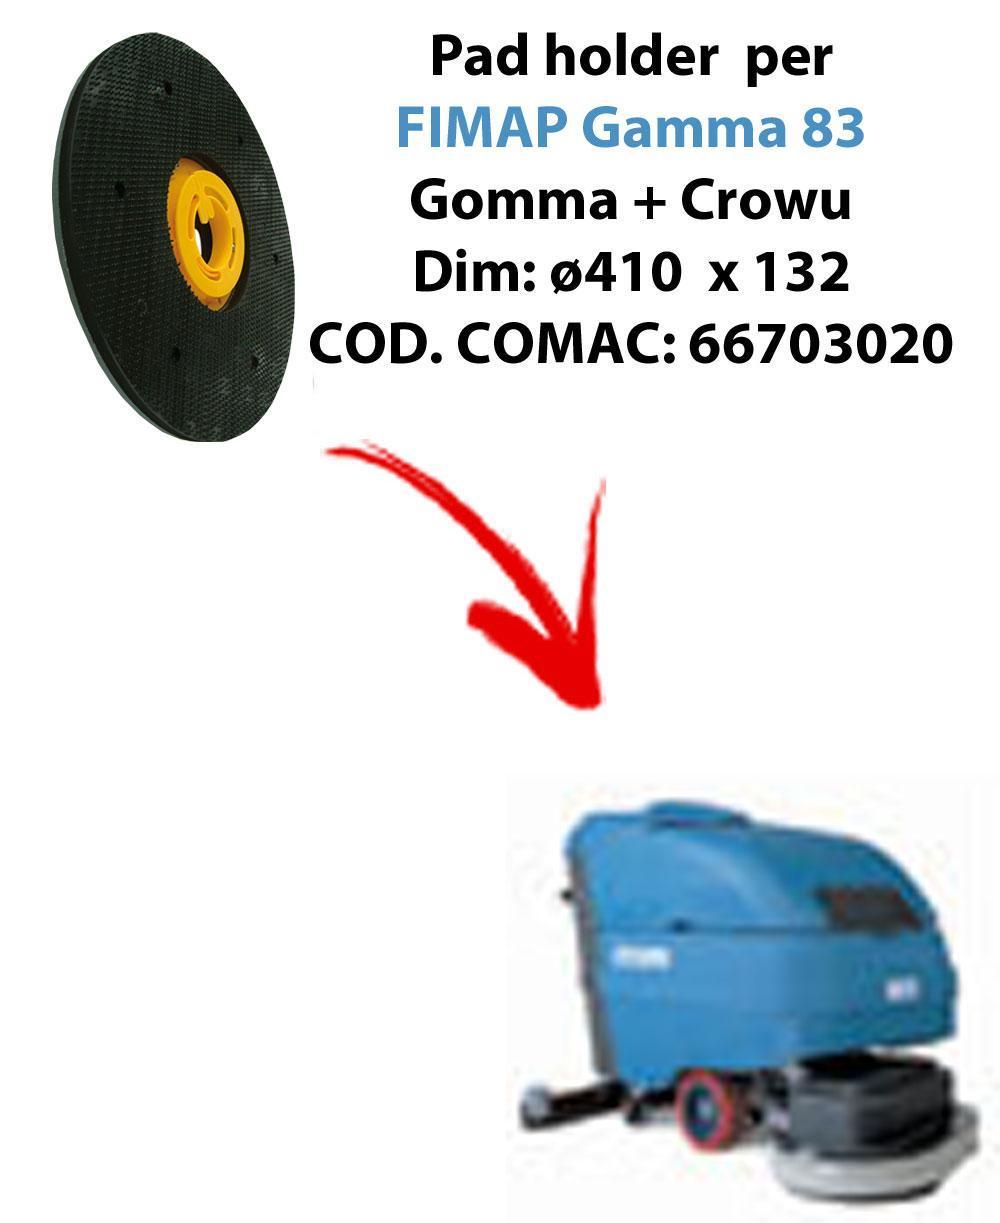 Plateau ( pad holder) pour autolaveuses FIMAP Gamma 83 (old version).